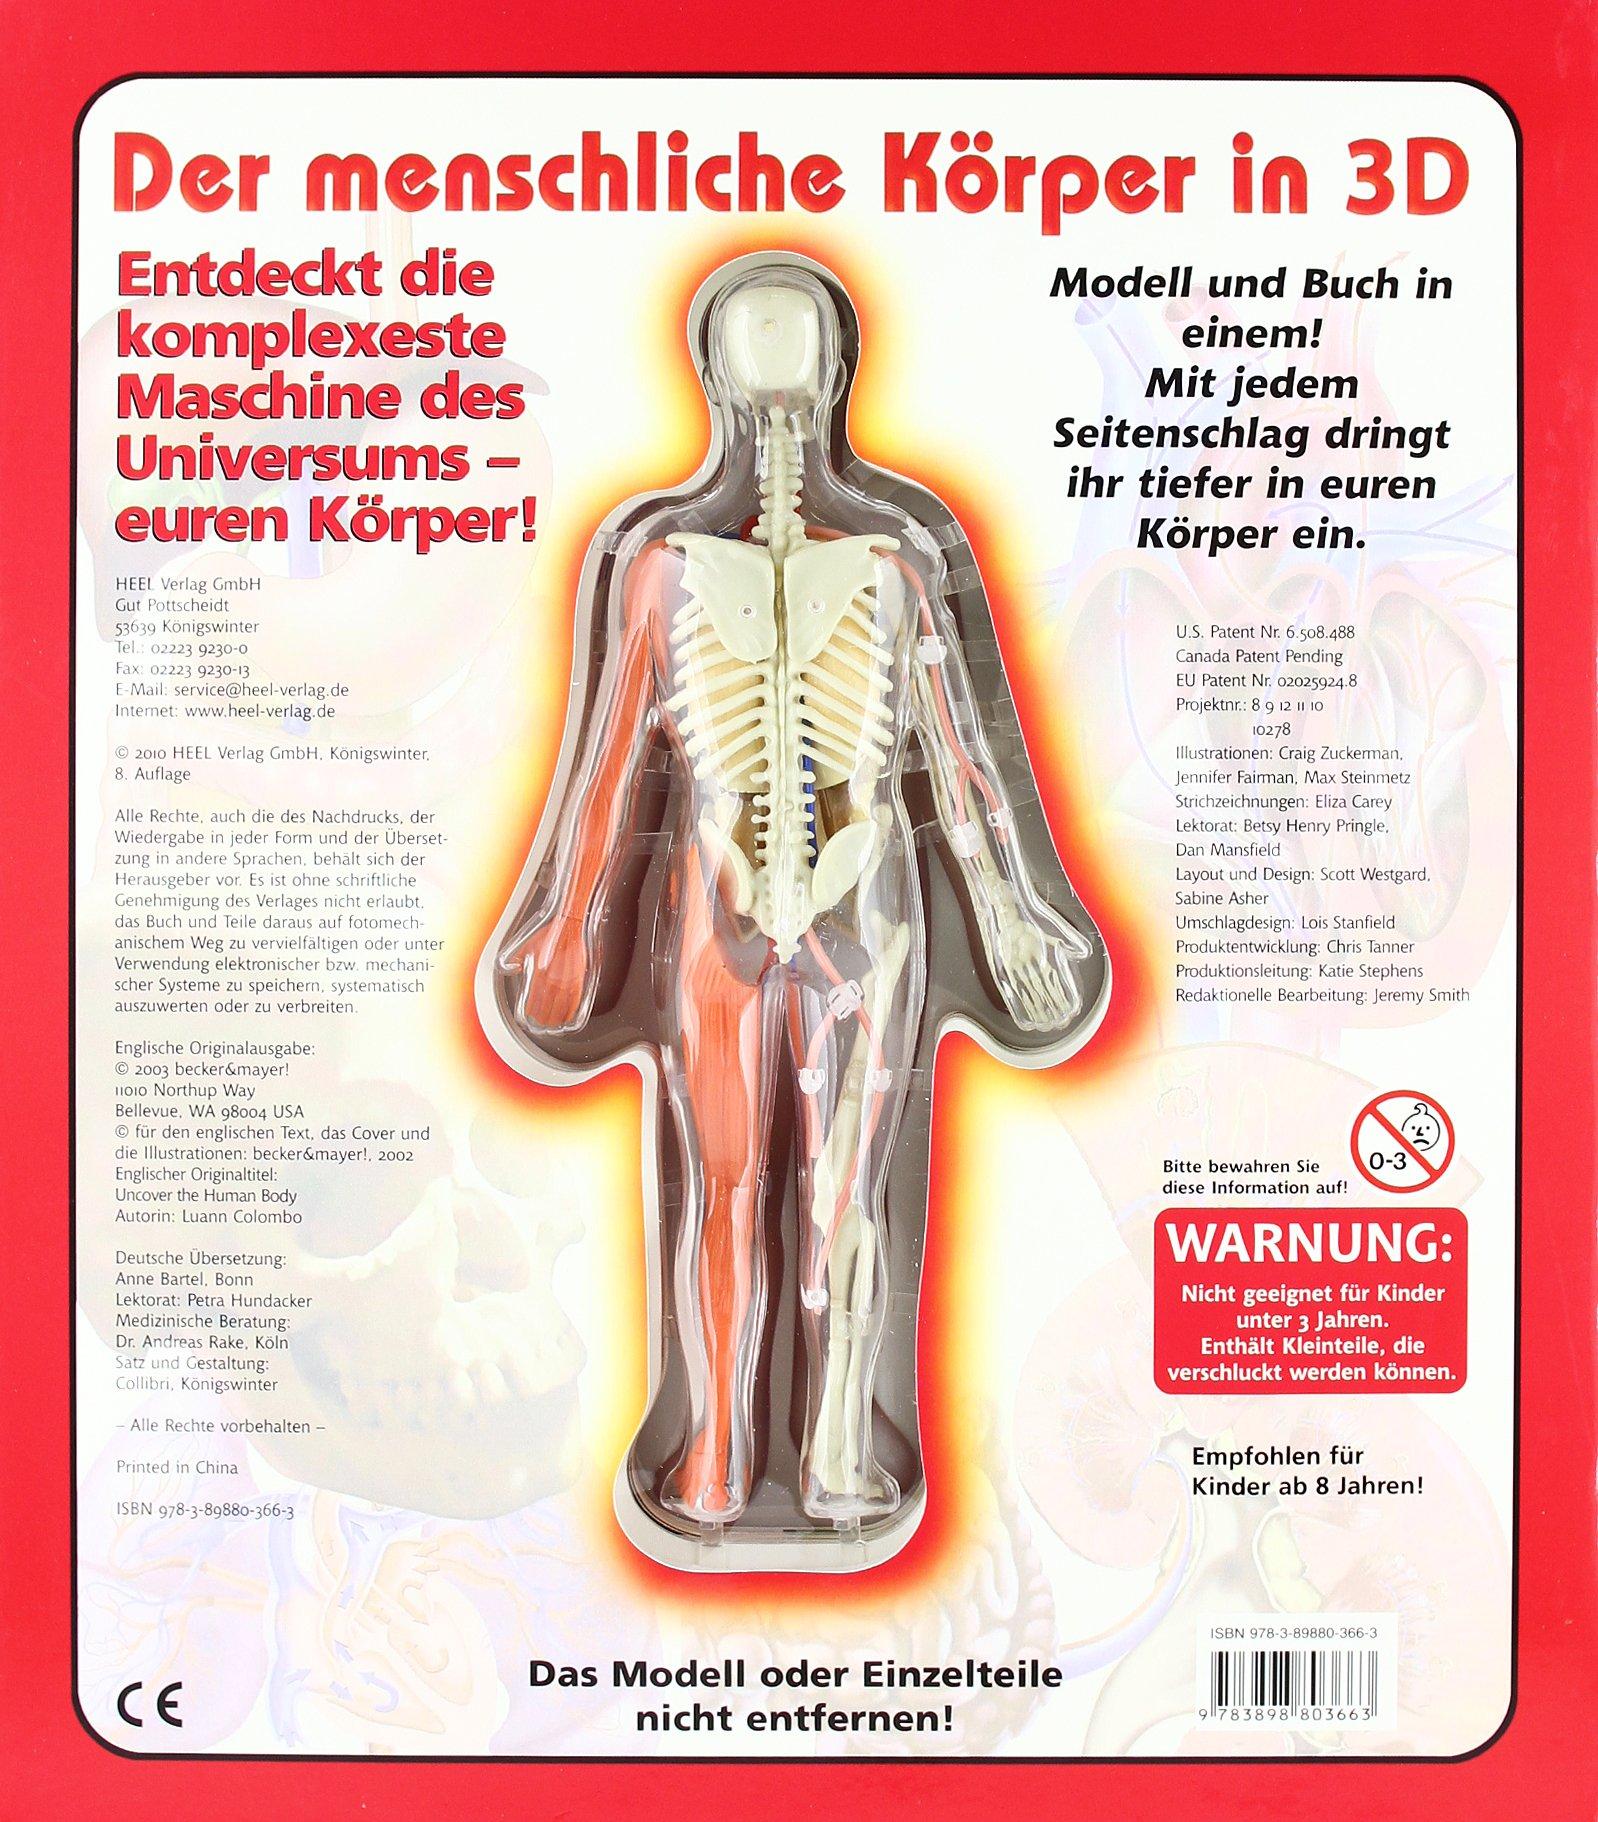 Der menschliche Körper in 3D - Buch mit Skelettmodell: Amazon.de ...